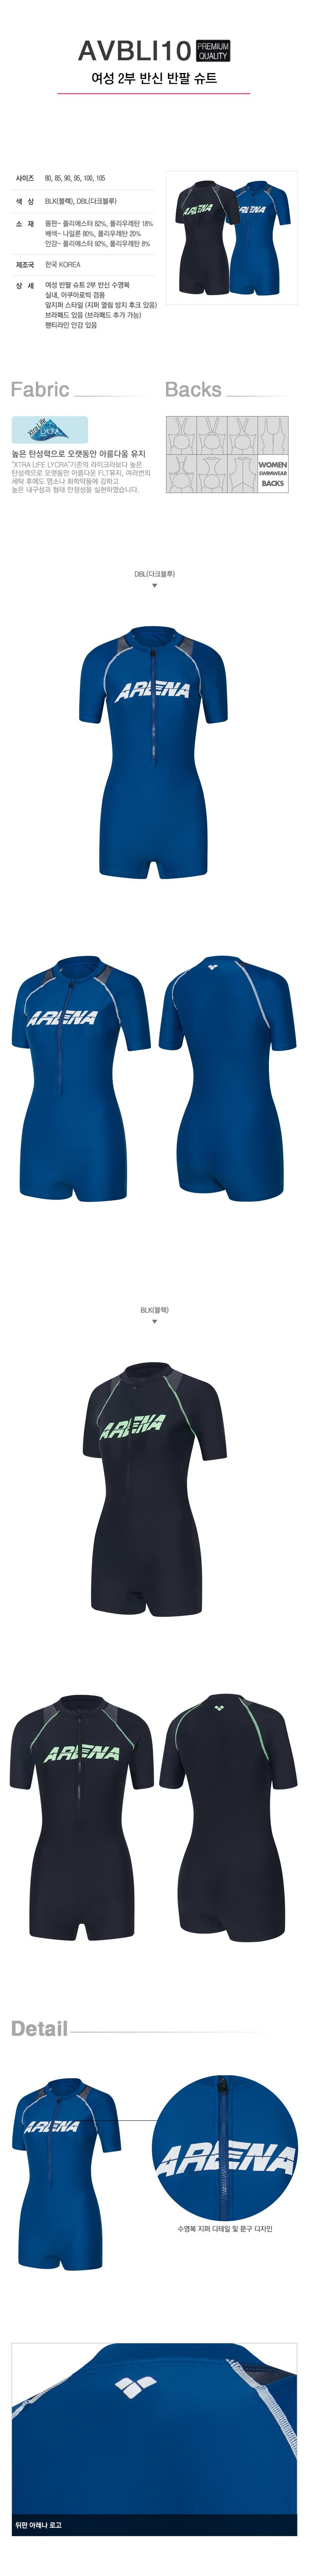 아레나(ARENA) AVBLI10BLK 여성 일반 슈트 수영복